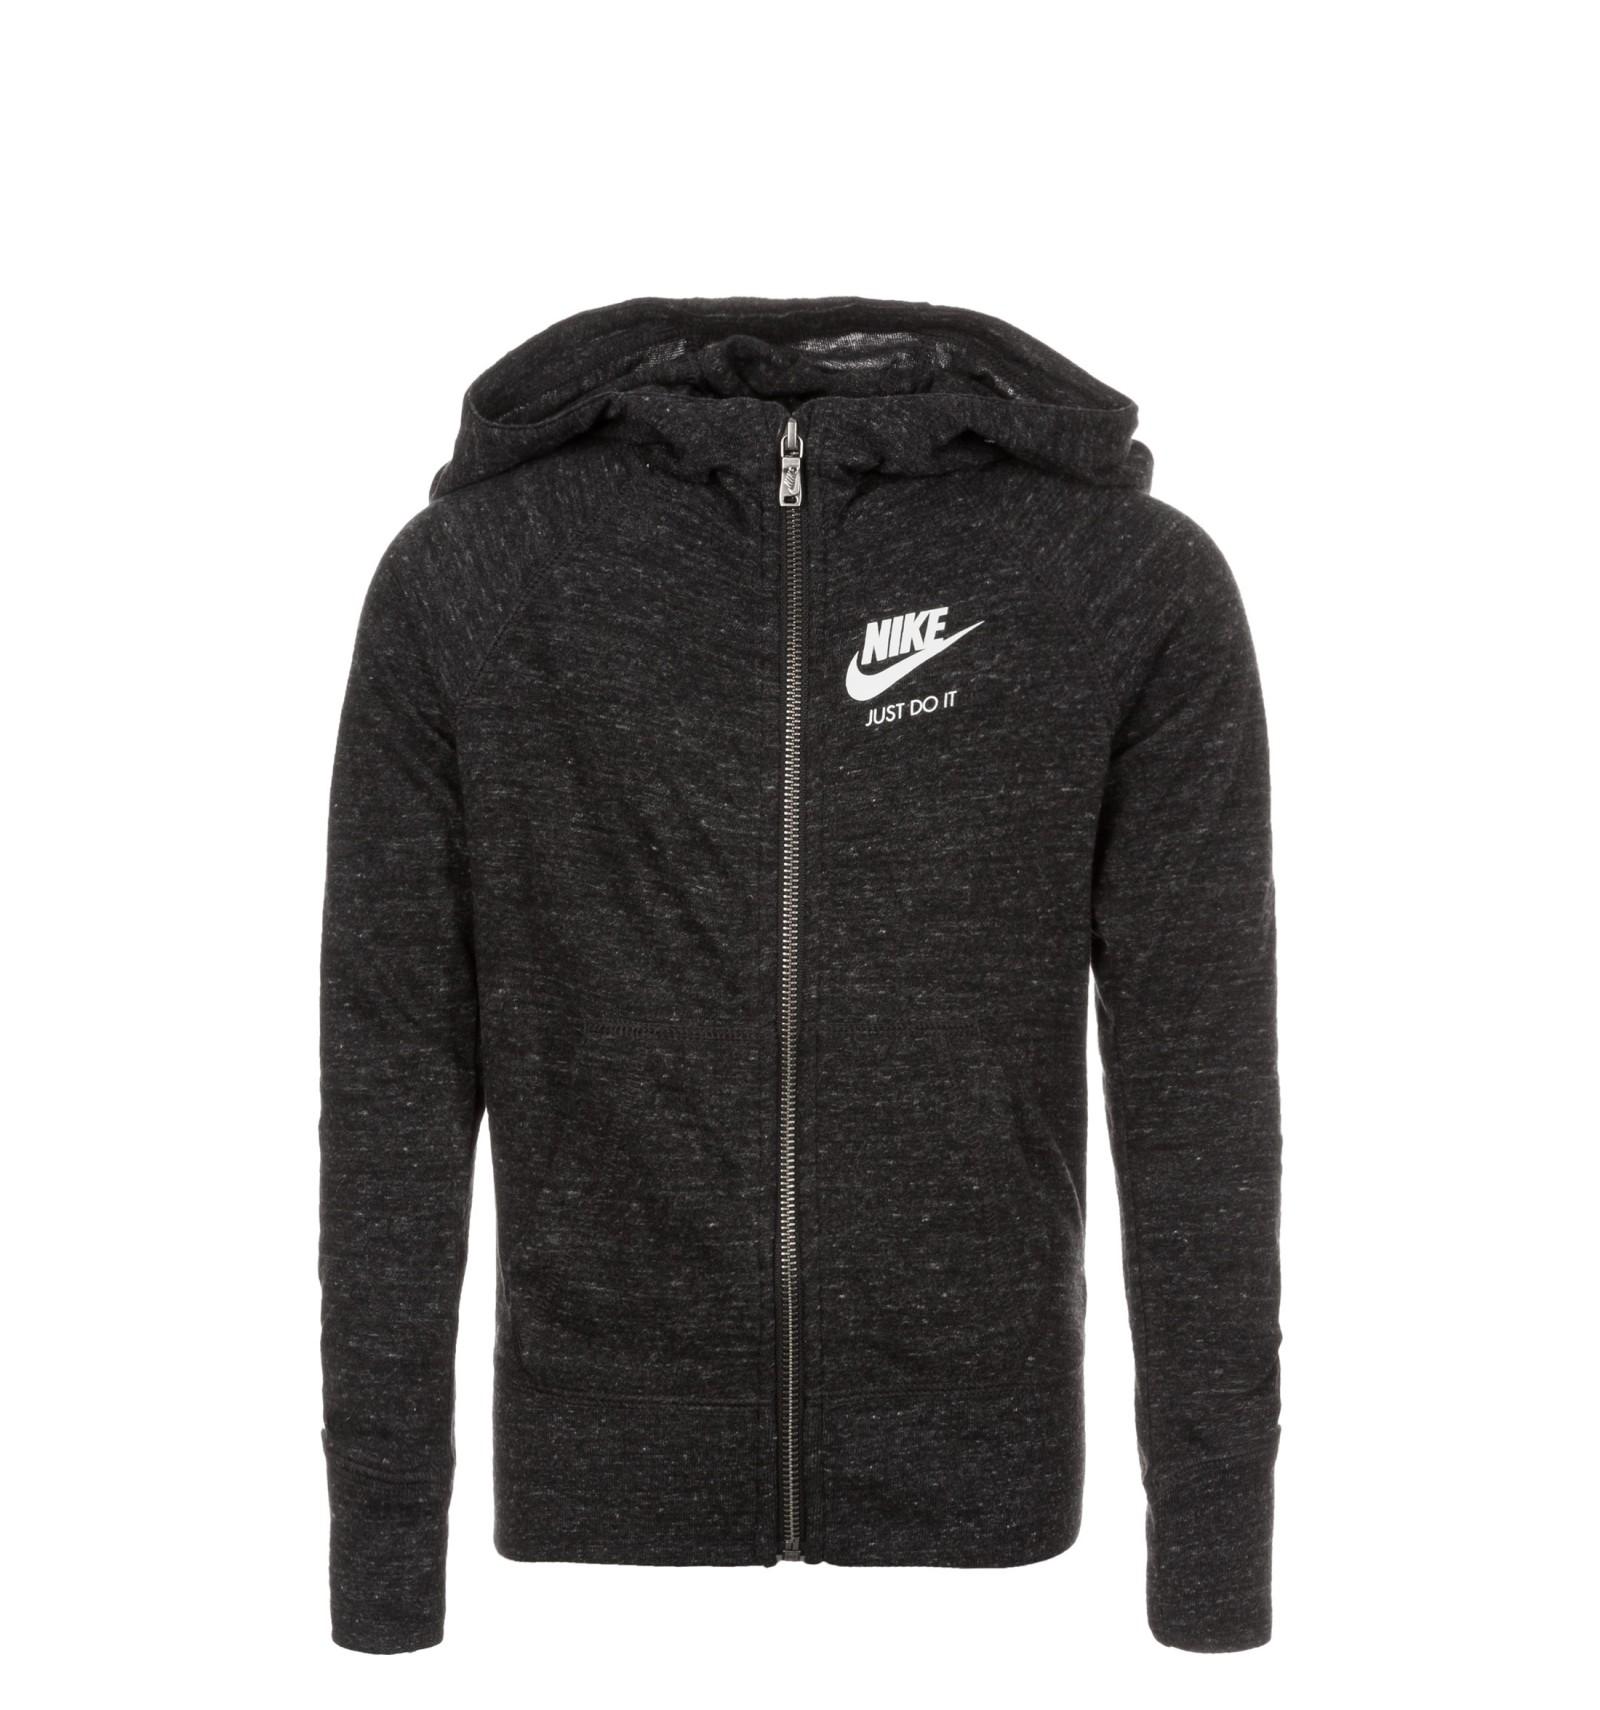 Nike Sudadera Tienda Vicunasport Vintage Tu De Niña Sportswear PdFxYd